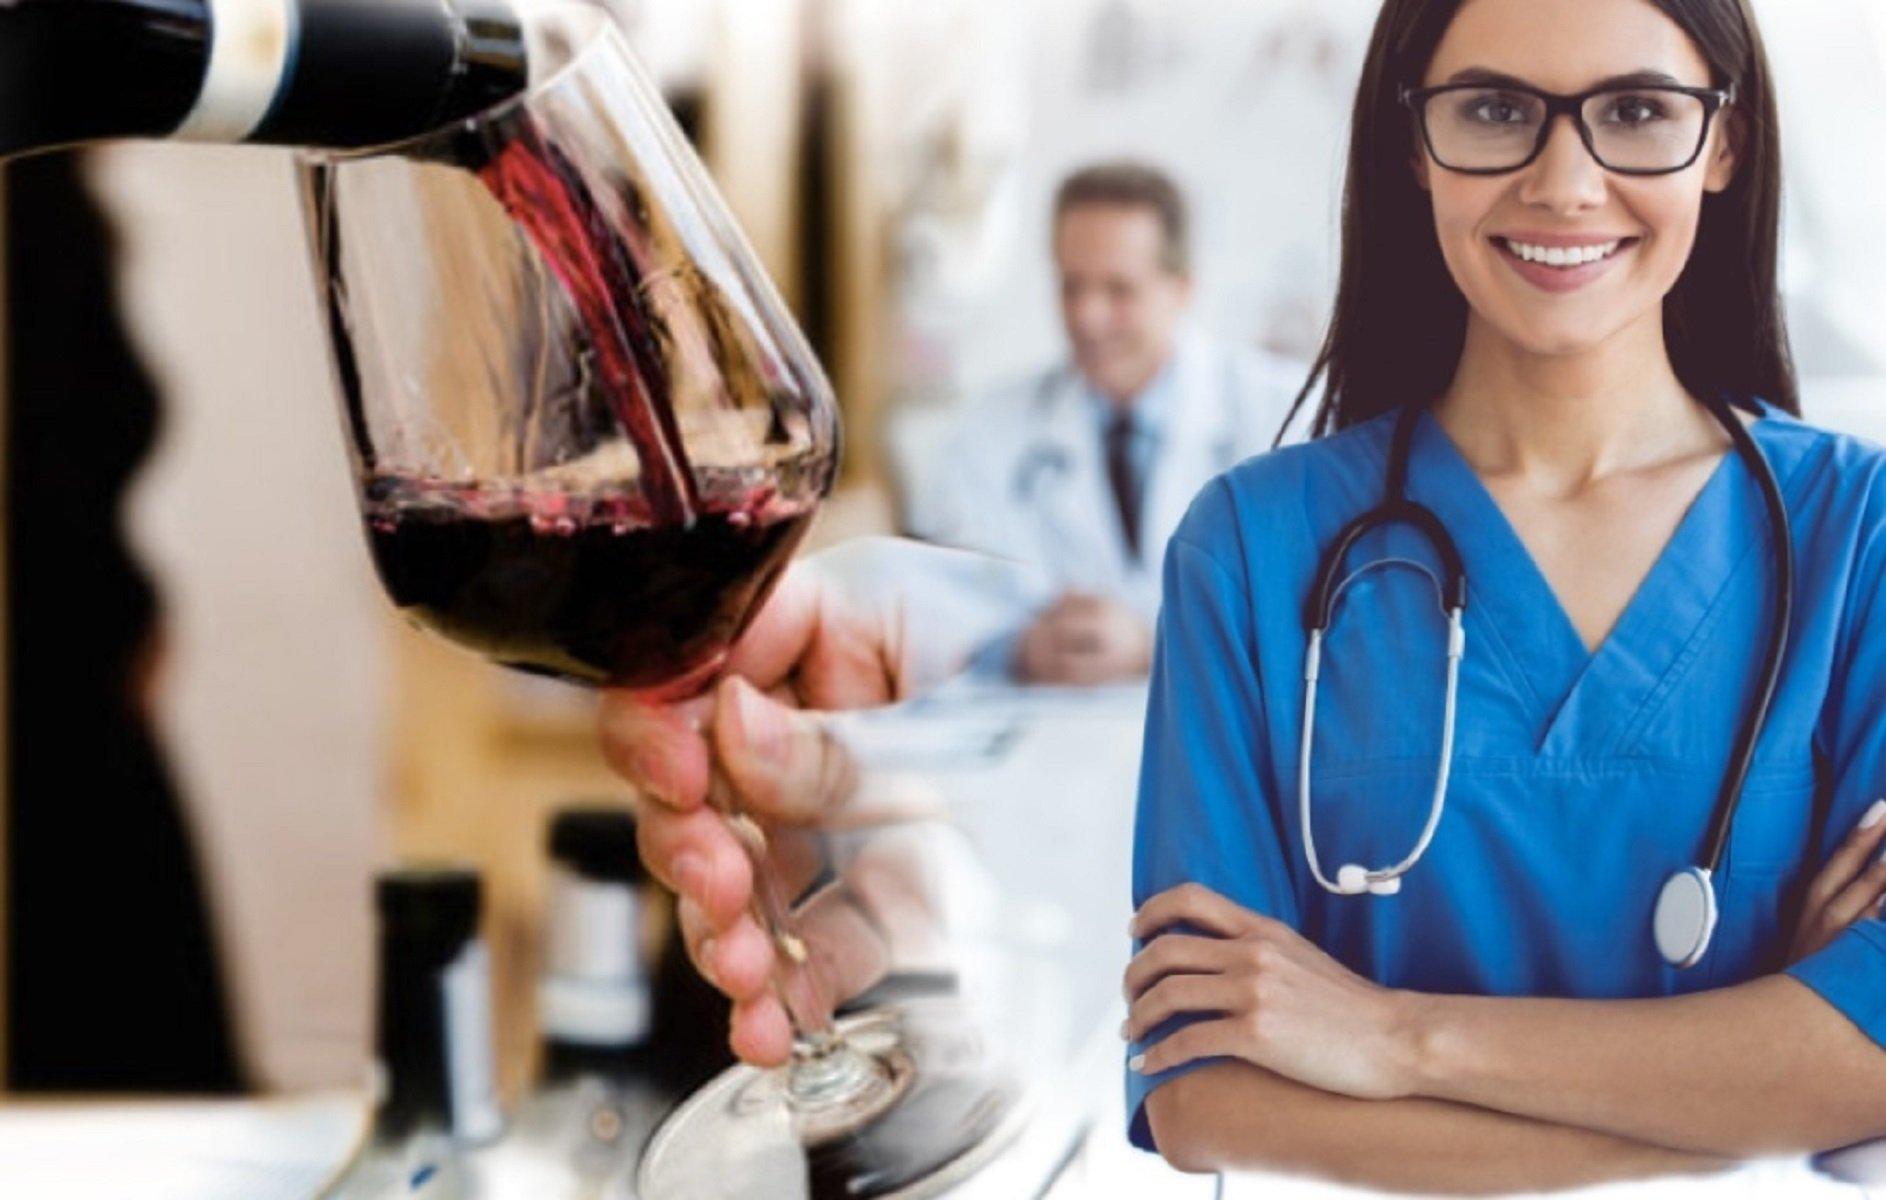 25353 Медики раскрыли, как вино влияет на похудение